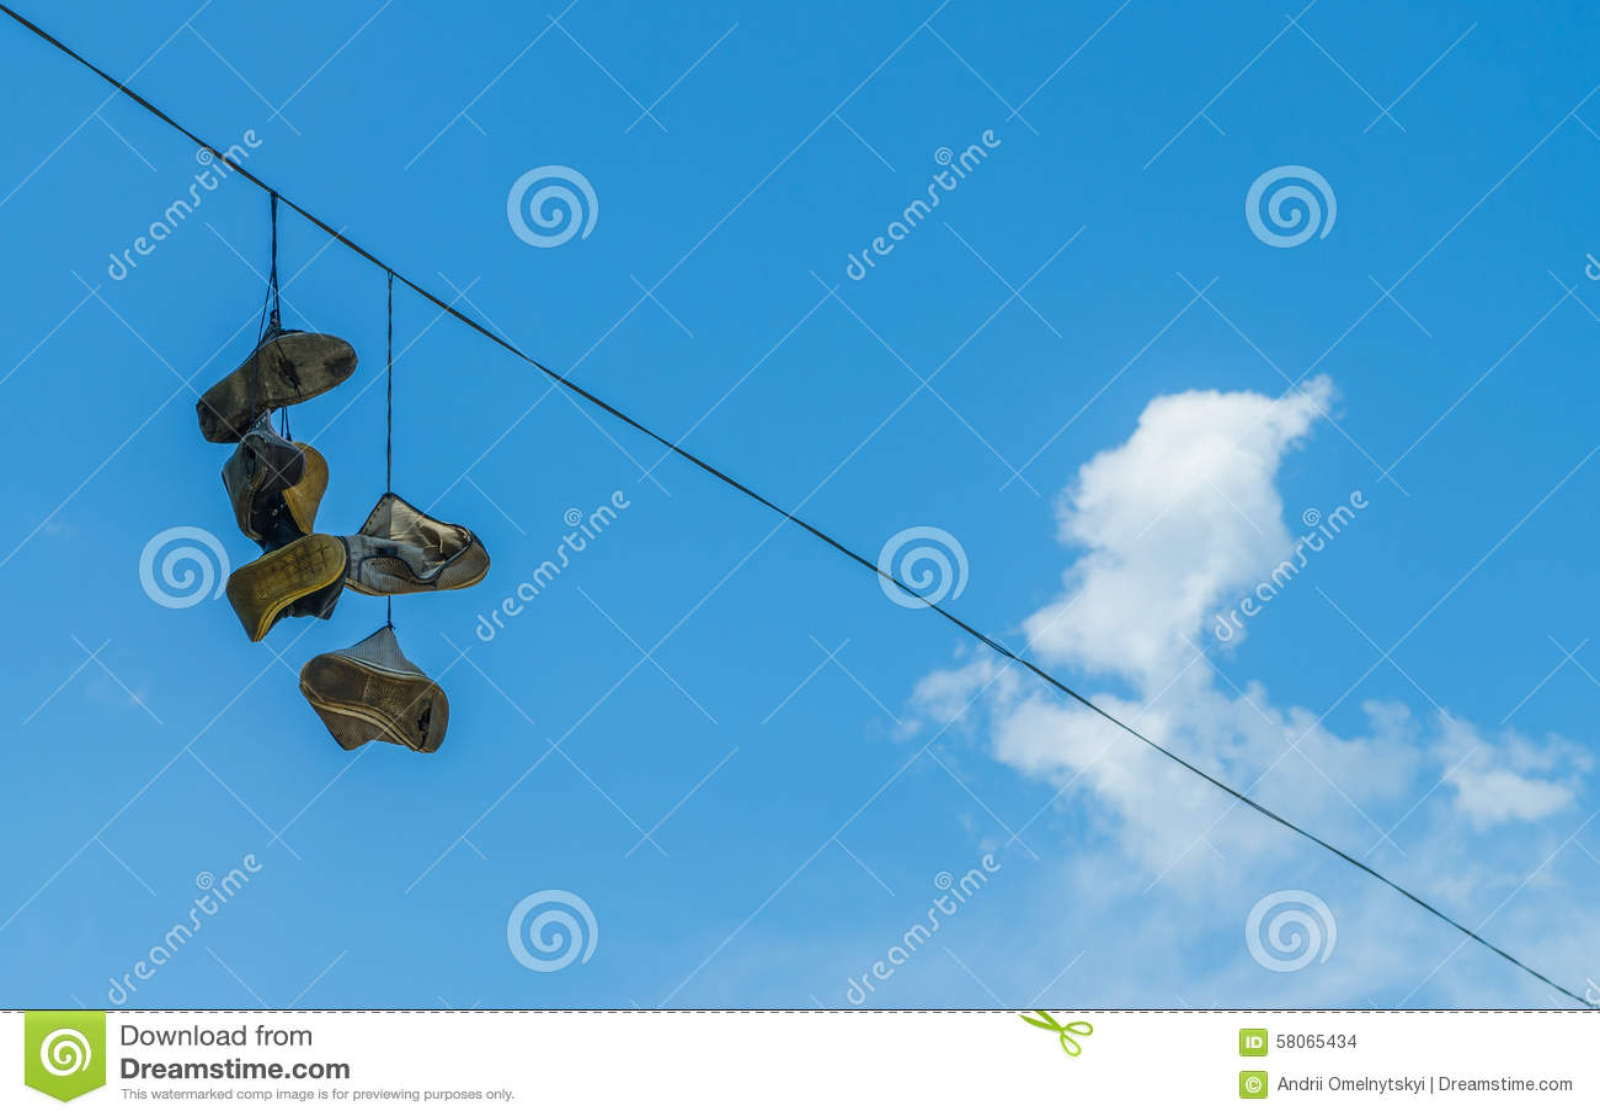 Ligne Électrique Chaussures Image Sur Du Stock La Photo Fond tqtvEwar